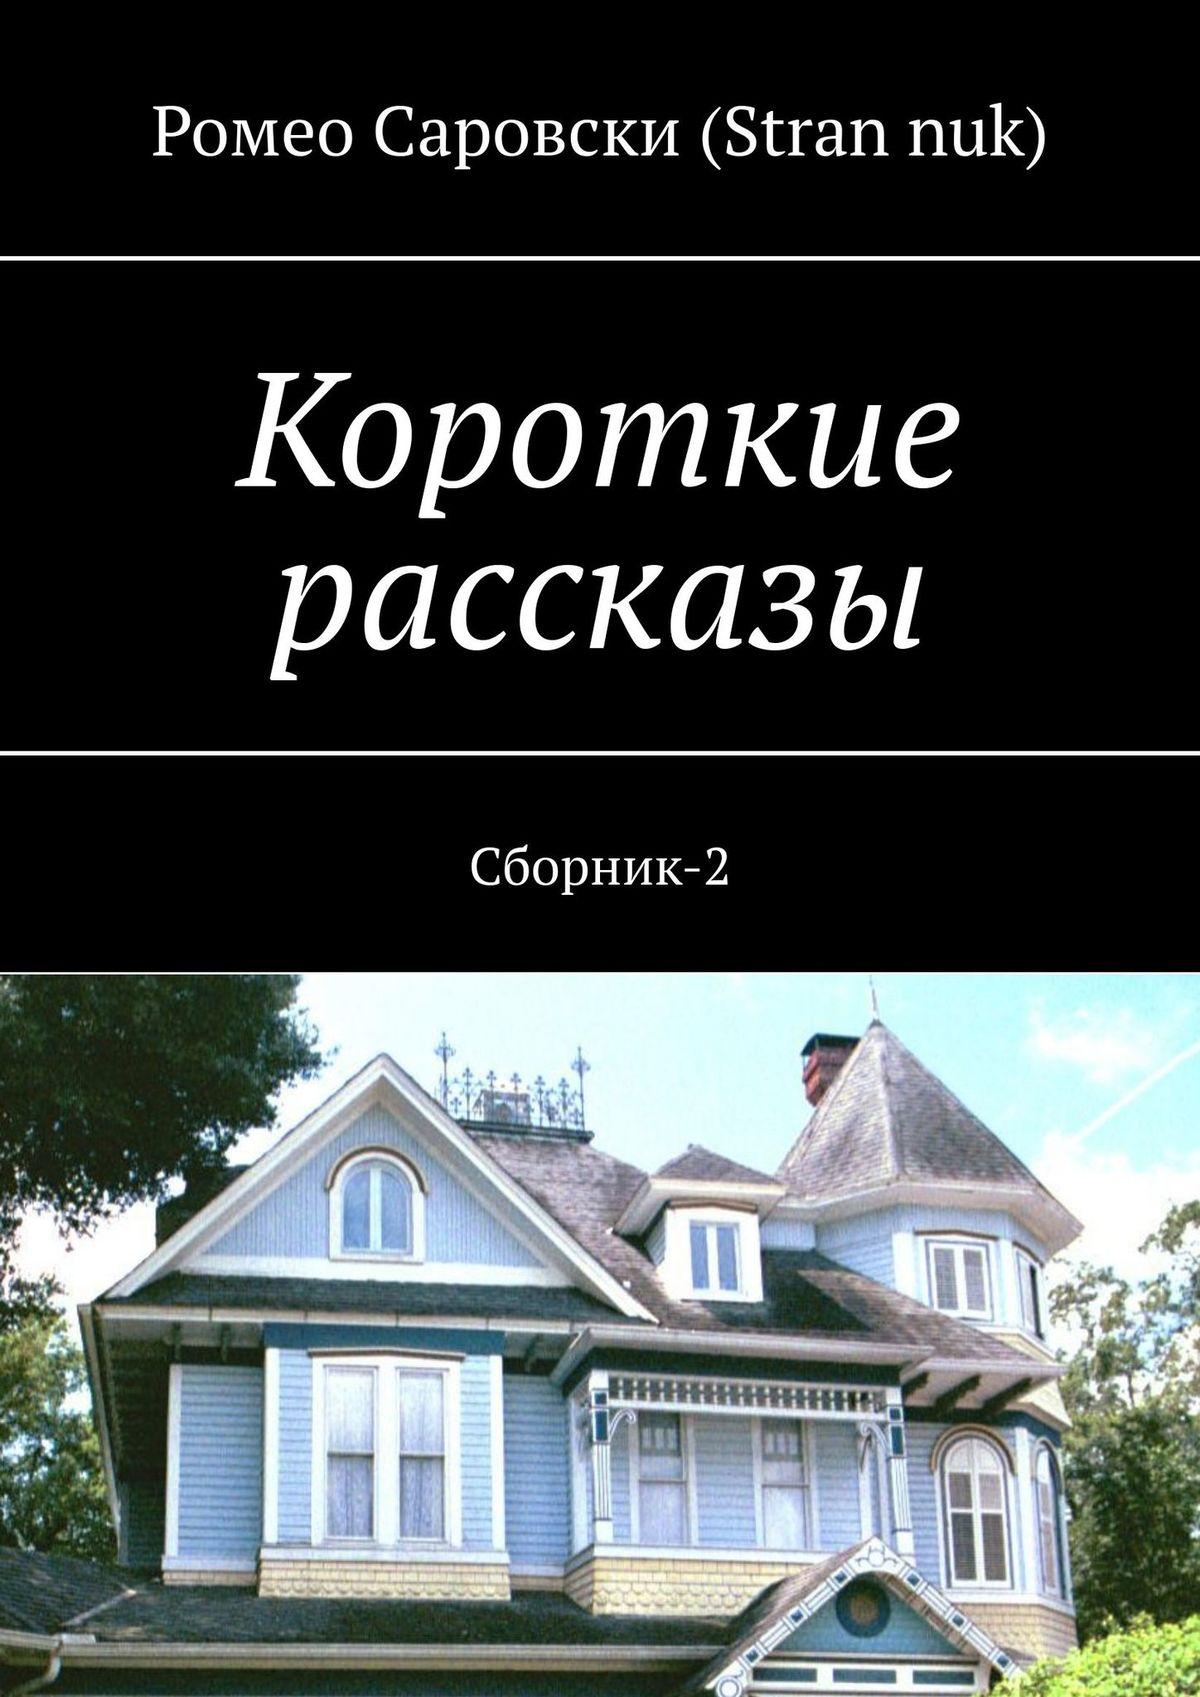 Роман Чукмасов (Strannuk) Короткие рассказы. Сборник-2